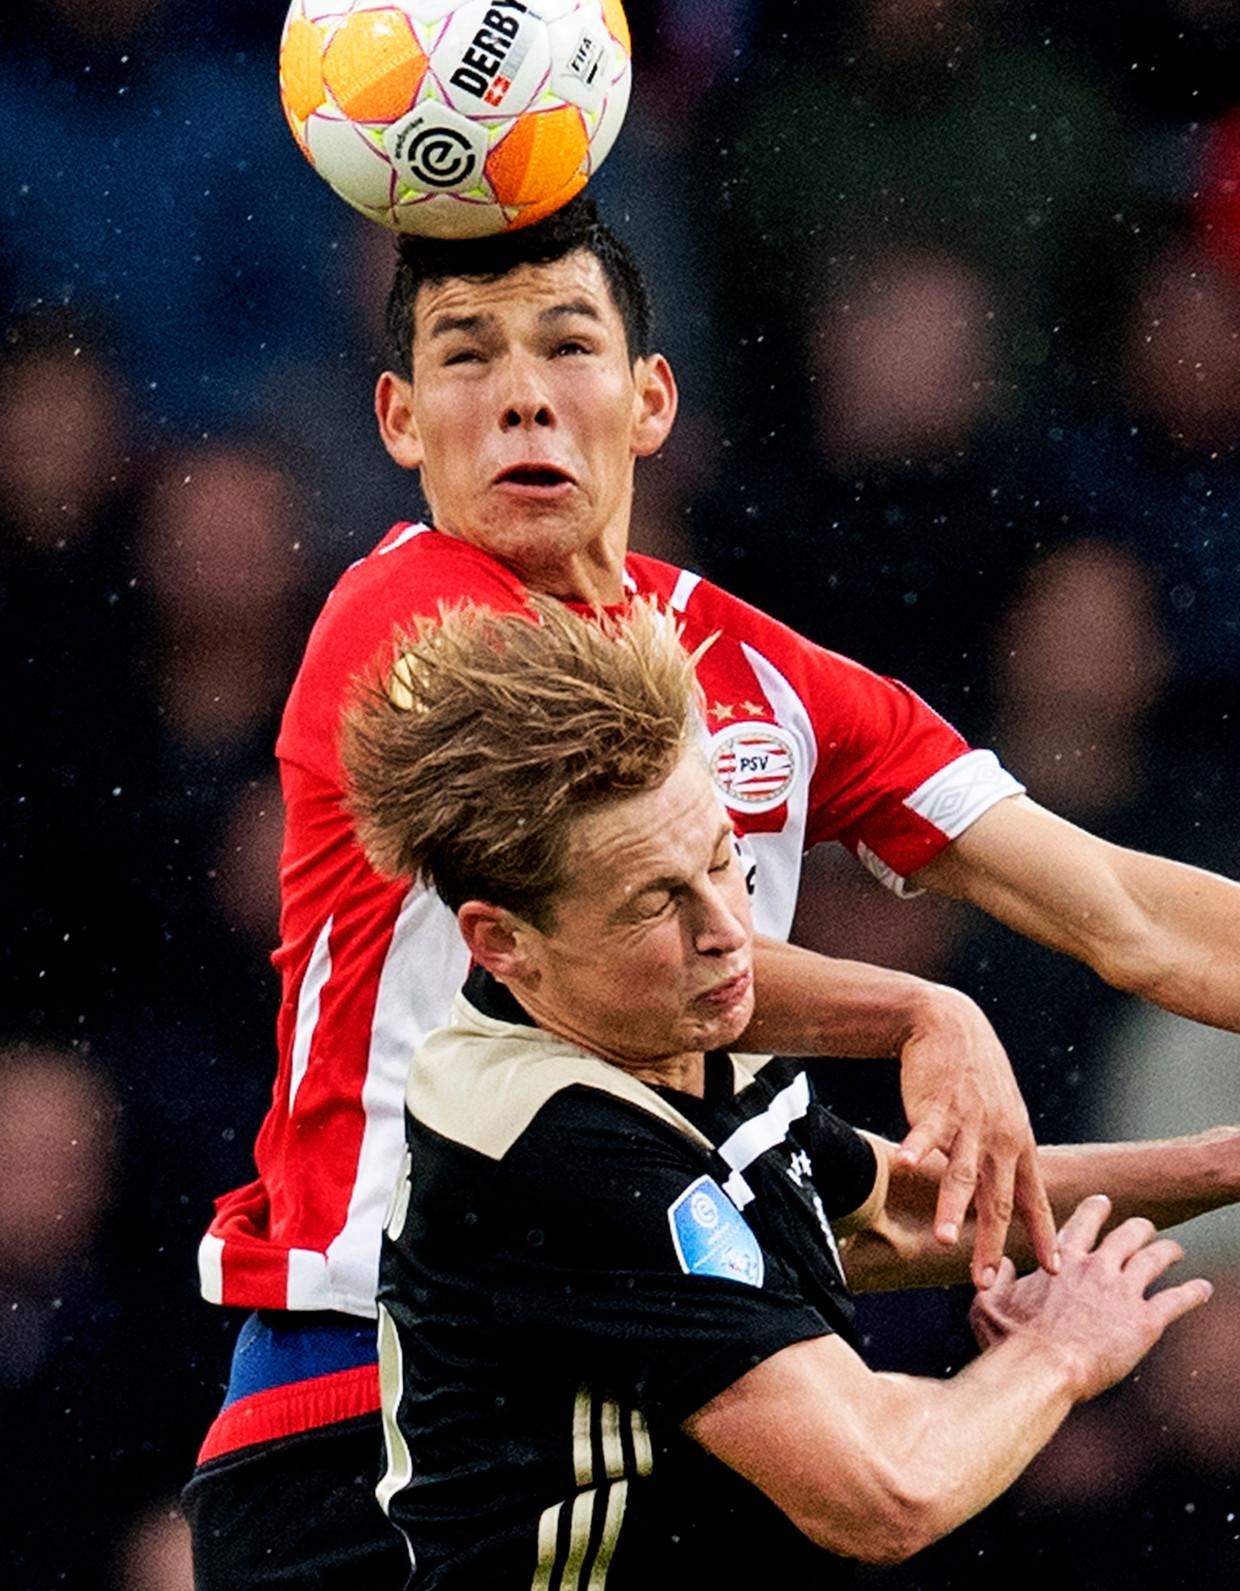 PSV-spits Lozano wint het kopduel met Ajacied De Jong tijdens PSV - Ajax in september. PSV won en staat in de eredivisie twee punten voor op Ajax.